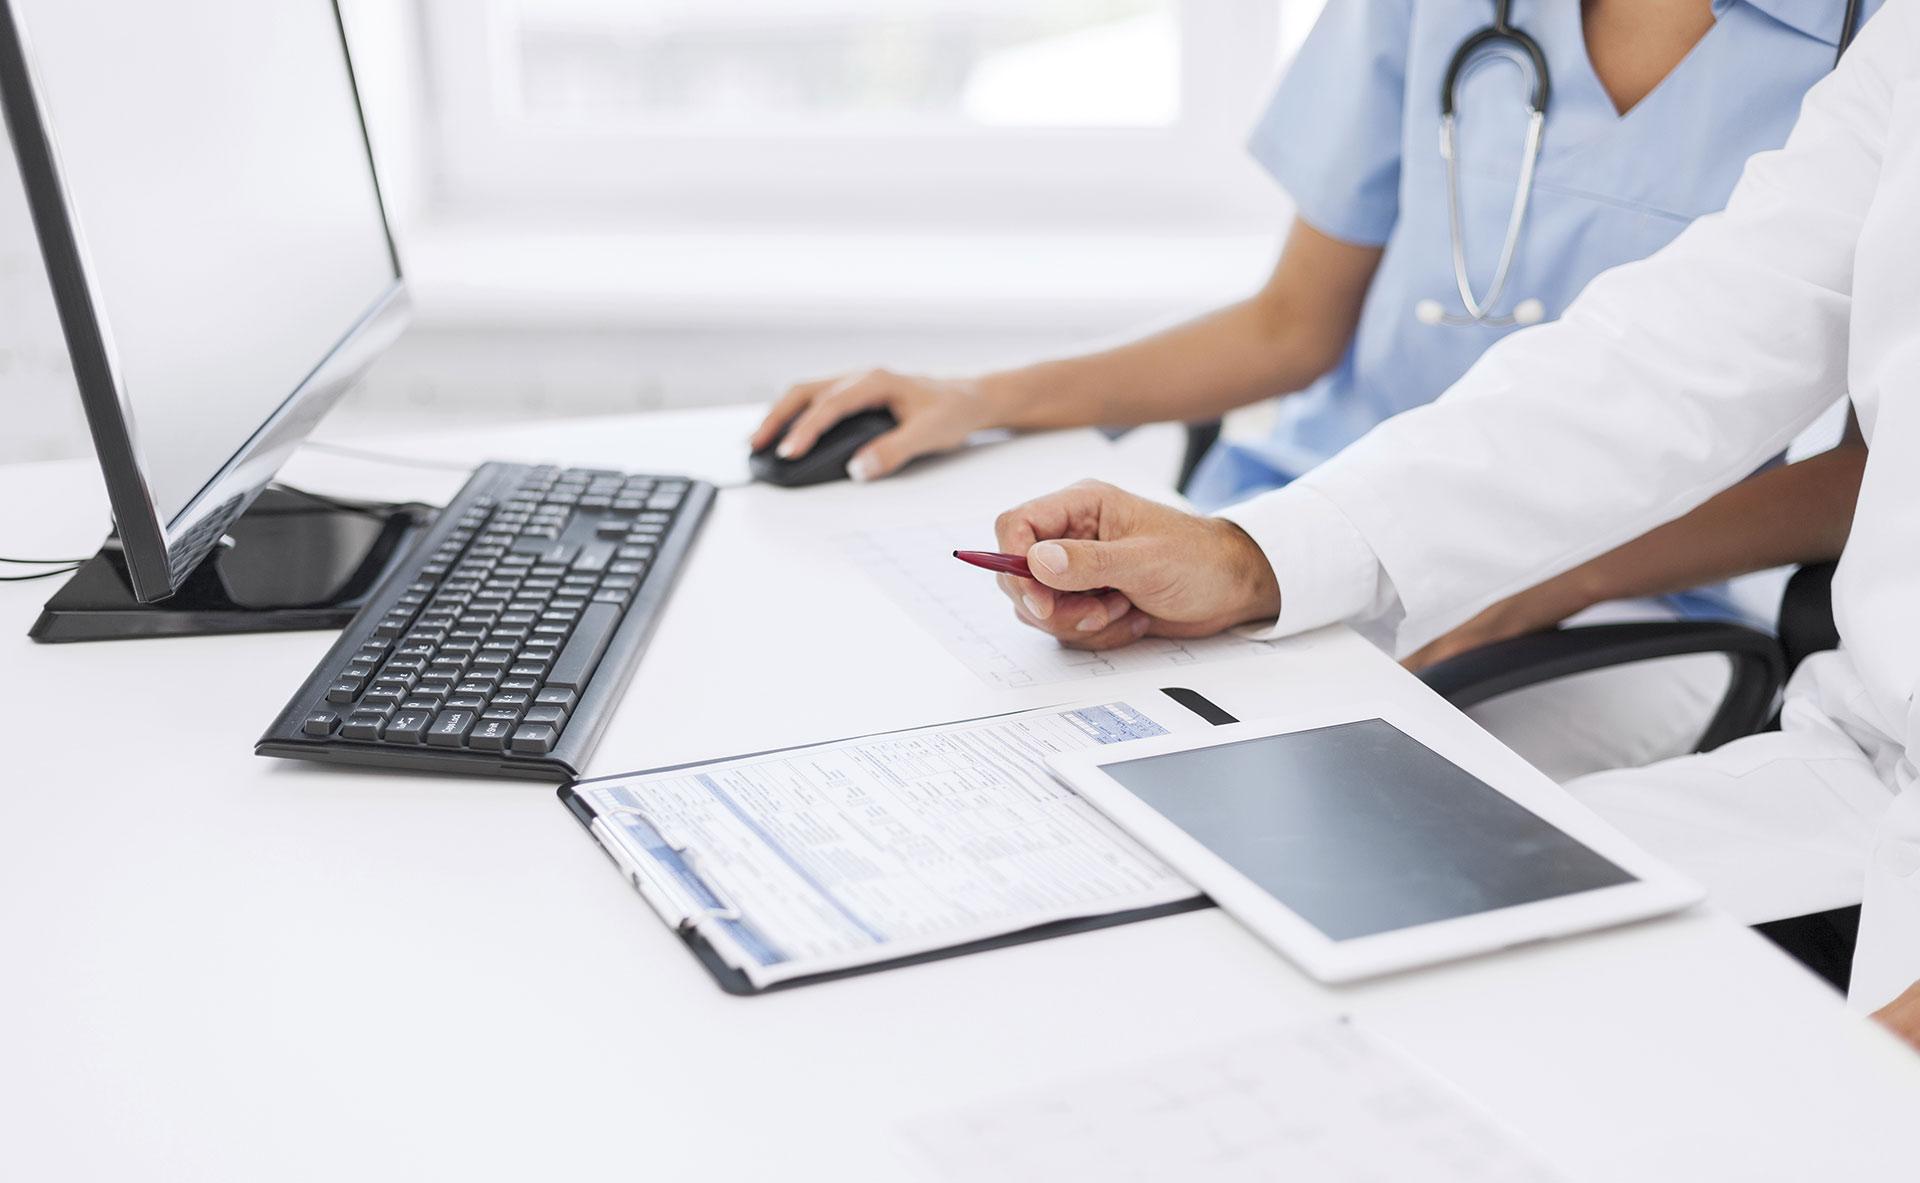 Κορωναϊός: Οδηγίες διαχείρισης ασθενών στα ιατρεία και πολυϊατρεία 2